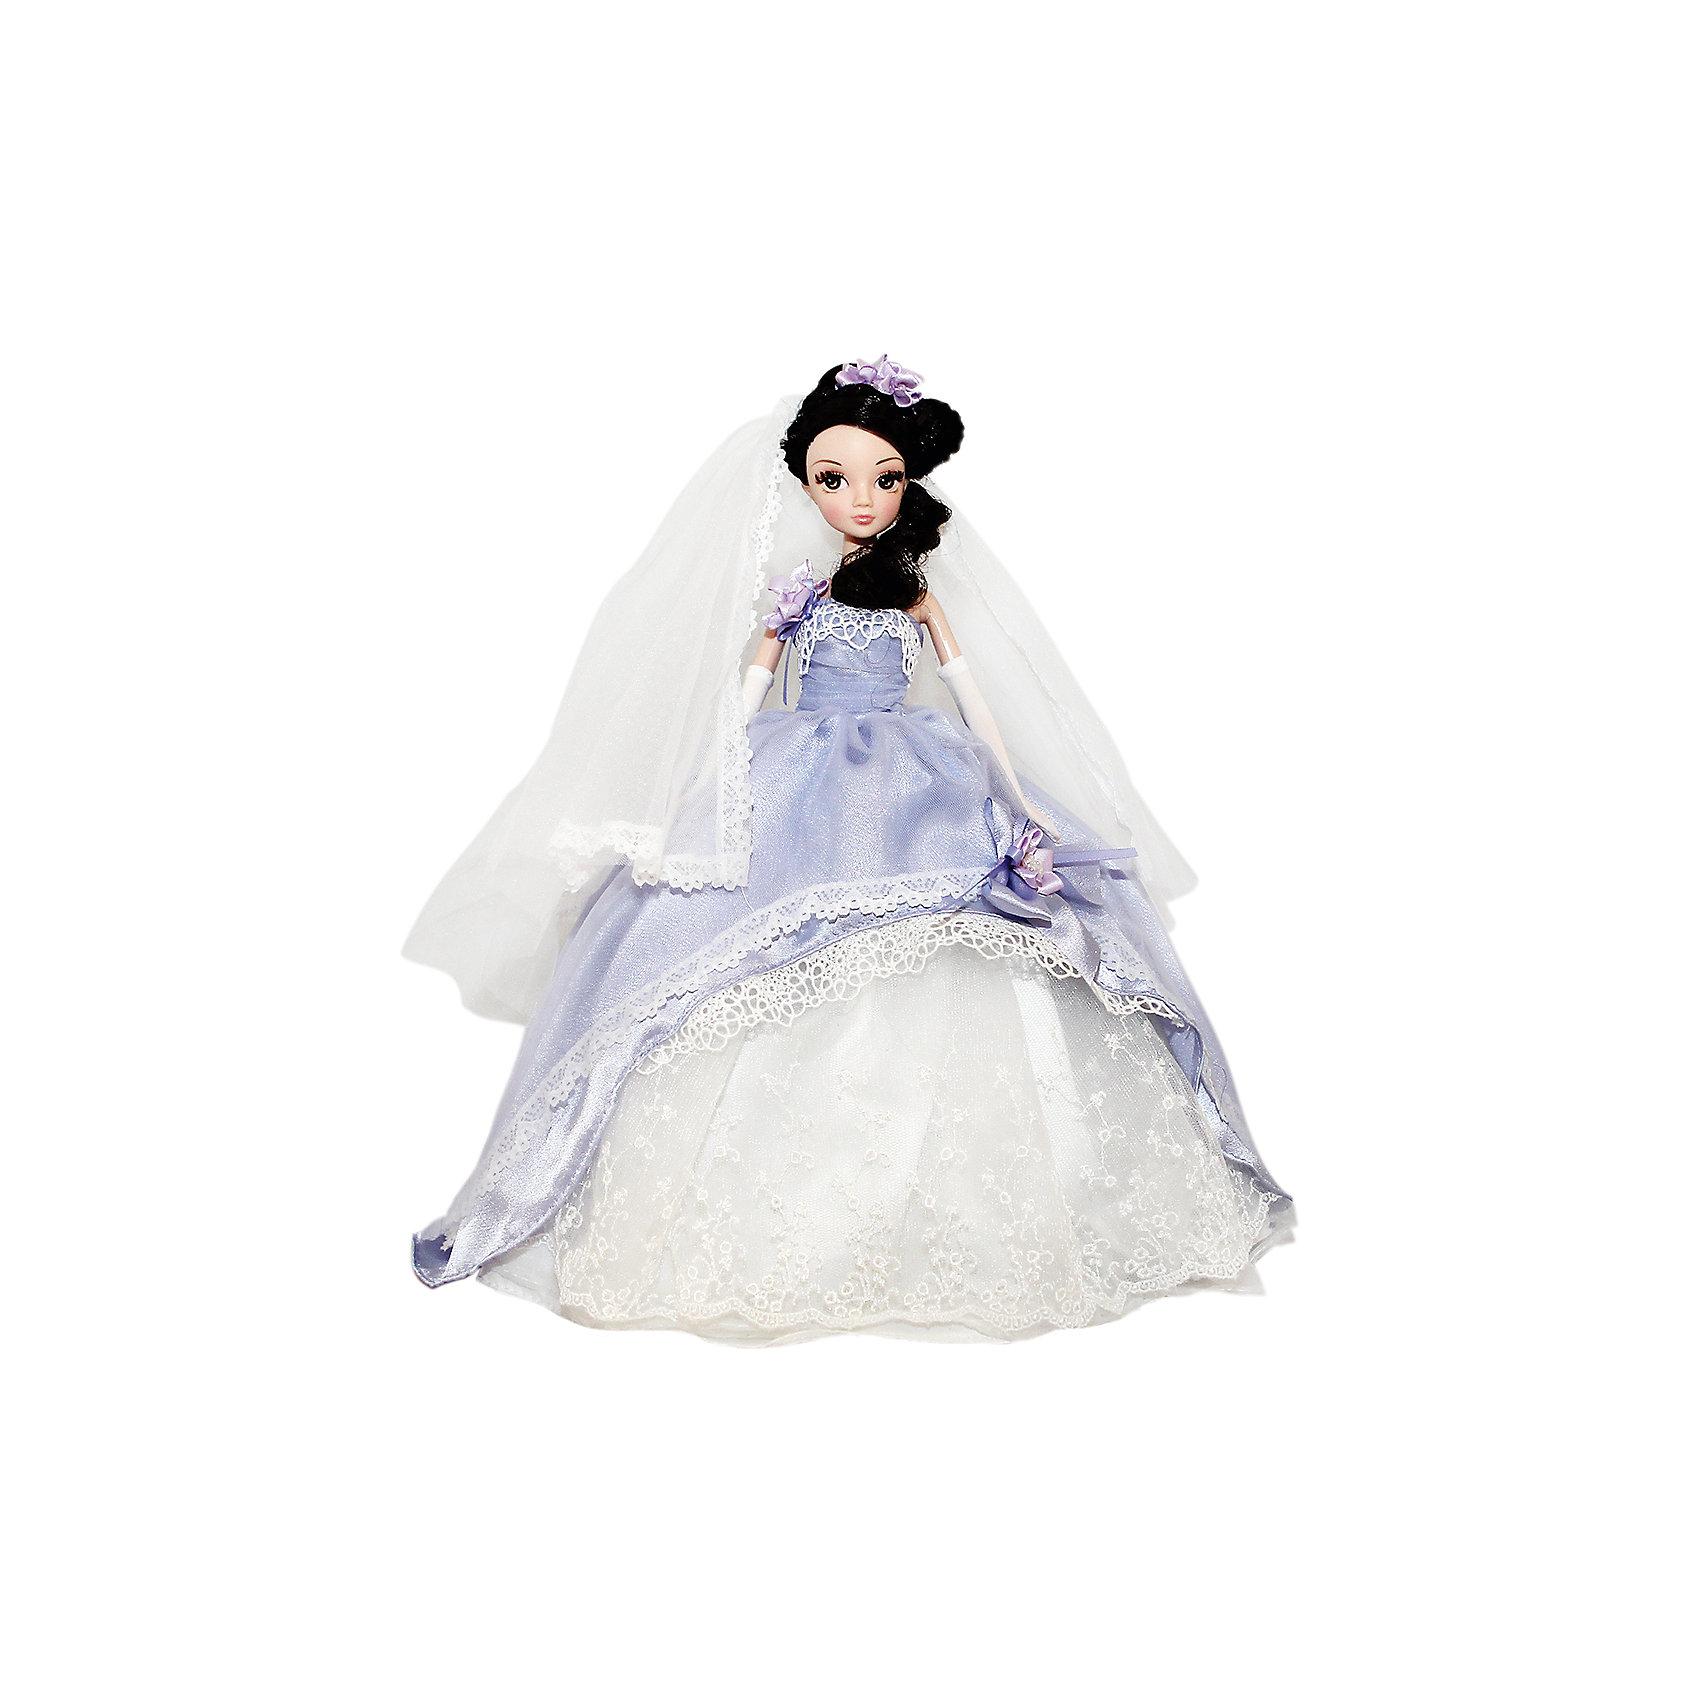 Кукла Нежная Сирень, серия Золотая коллекция, Sonya RoseБренды кукол<br>Характеристики товара:<br><br>- цвет: разноцветный;<br>- материал: пластик, текстиль;<br>- особенности: подвижные руки и ноги, голова;<br>- размер упаковки: 23х32х7 см;<br>- комплектация: кукла, одежда, аксессуары;<br>- размер куклы: 28 см.<br><br>Такие красивые куклы не оставят ребенка равнодушным! Какая девочка откажется поиграть с куклой в прекрасном свадебном платье?! Игрушка хорошо детализирована, очень качественно выполнена, поэтому она станет отличным подарком ребенку. В наборе идут одежда и аксессуары, которые можно снять!<br>При играх с куклами у детей активизируется мышление, воображение, развиваются творческие способности, нарабатываются варианты социального взаимодействия, дети учатся заботиться о других. Изделие произведено из высококачественного материала, безопасного для детей.<br><br>Куклу Нежная Сирень, серия Золотая коллекция, от бренда Sonya Rose можно купить в нашем интернет-магазине.<br><br>Ширина мм: 230<br>Глубина мм: 320<br>Высота мм: 70<br>Вес г: 352<br>Возраст от месяцев: 36<br>Возраст до месяцев: 2147483647<br>Пол: Женский<br>Возраст: Детский<br>SKU: 5079157